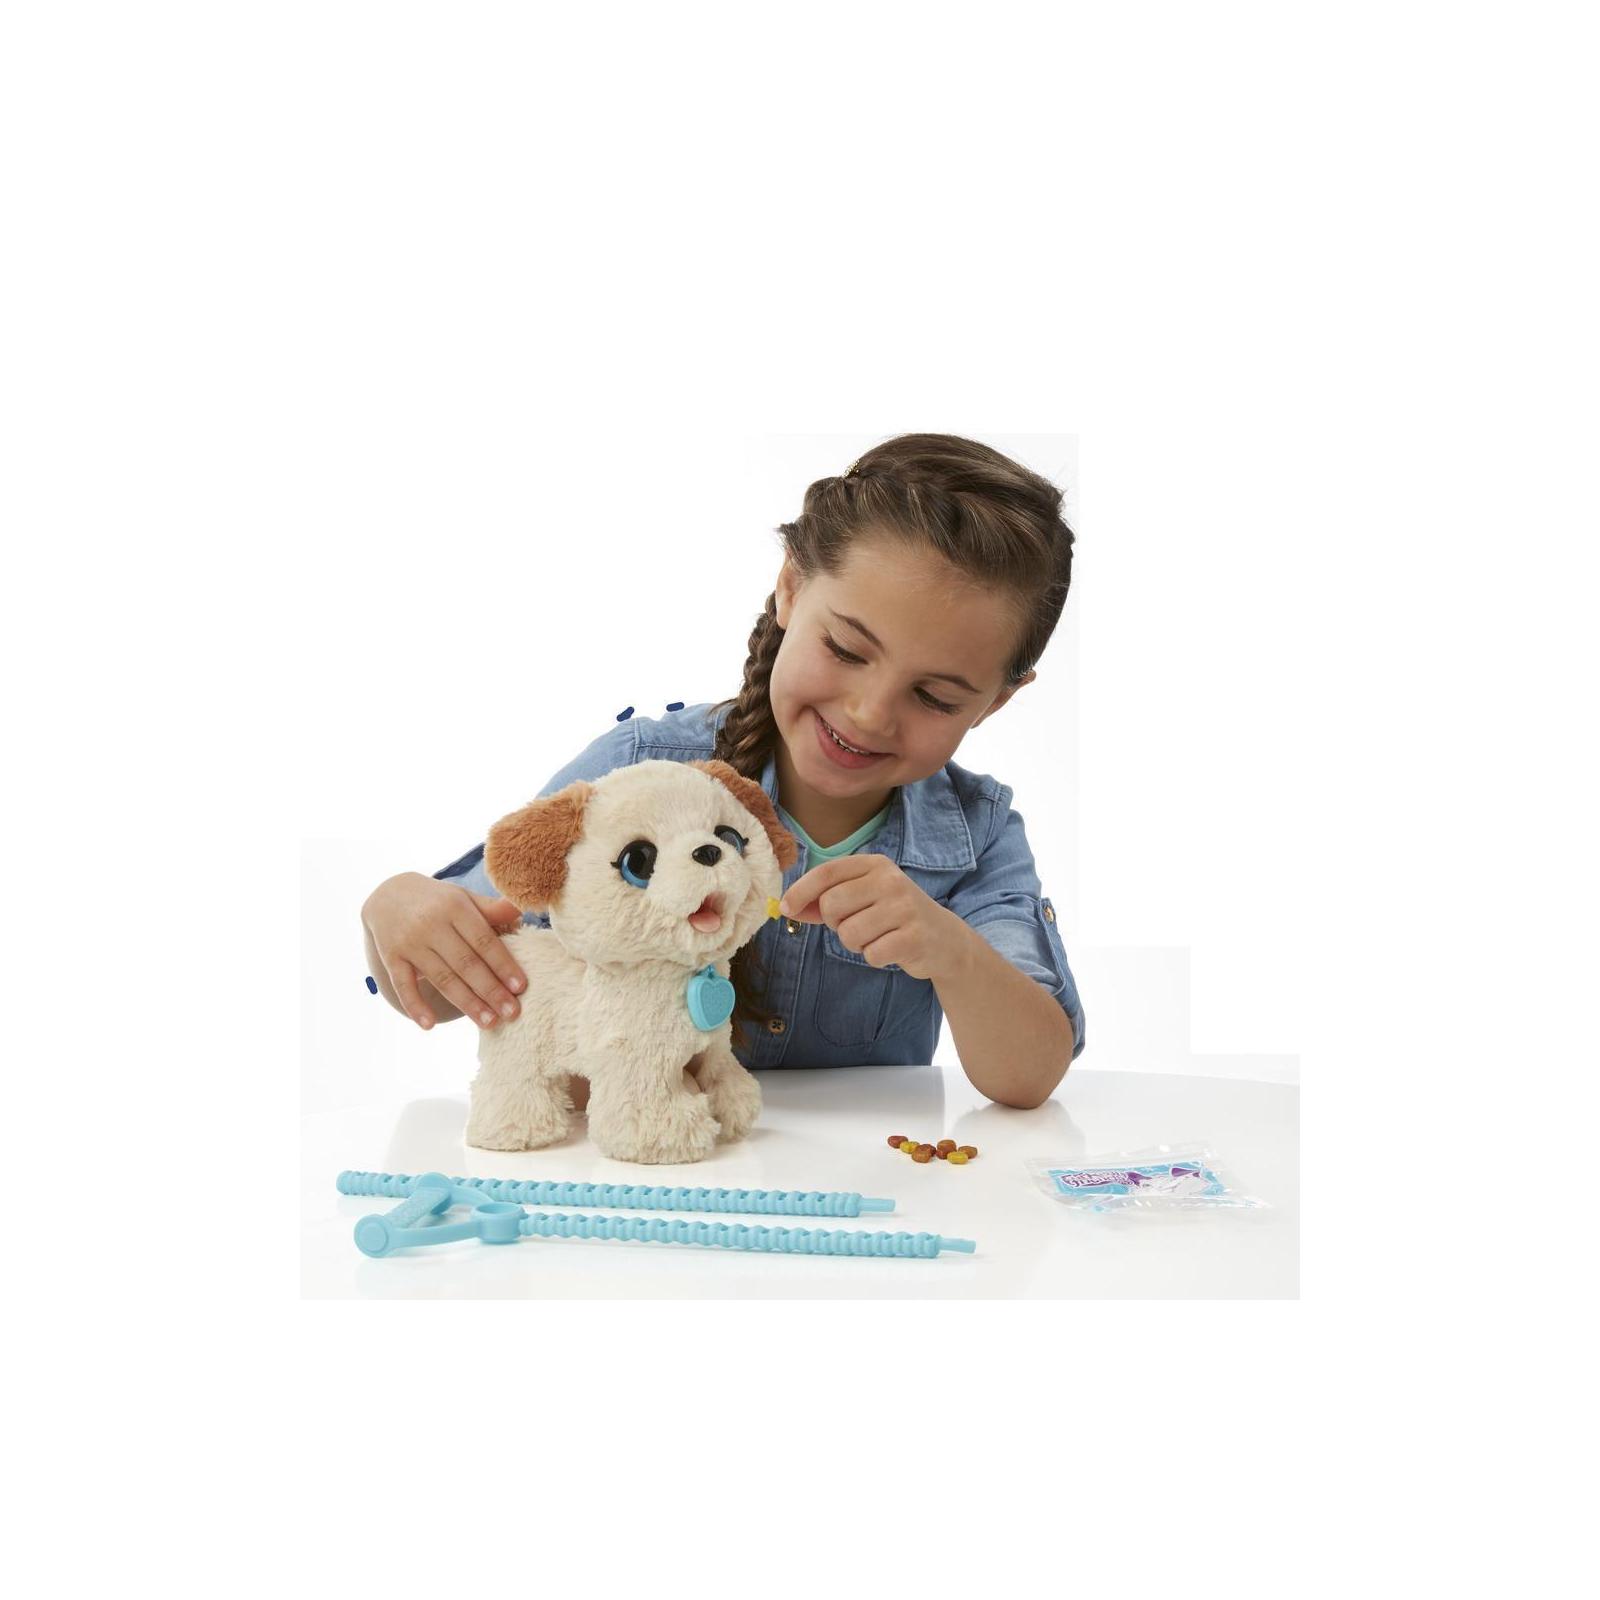 Интерактивная игрушка Hasbro Furreal Friends Весёлый щенок Пакс (обновленный) (C2178) изображение 3